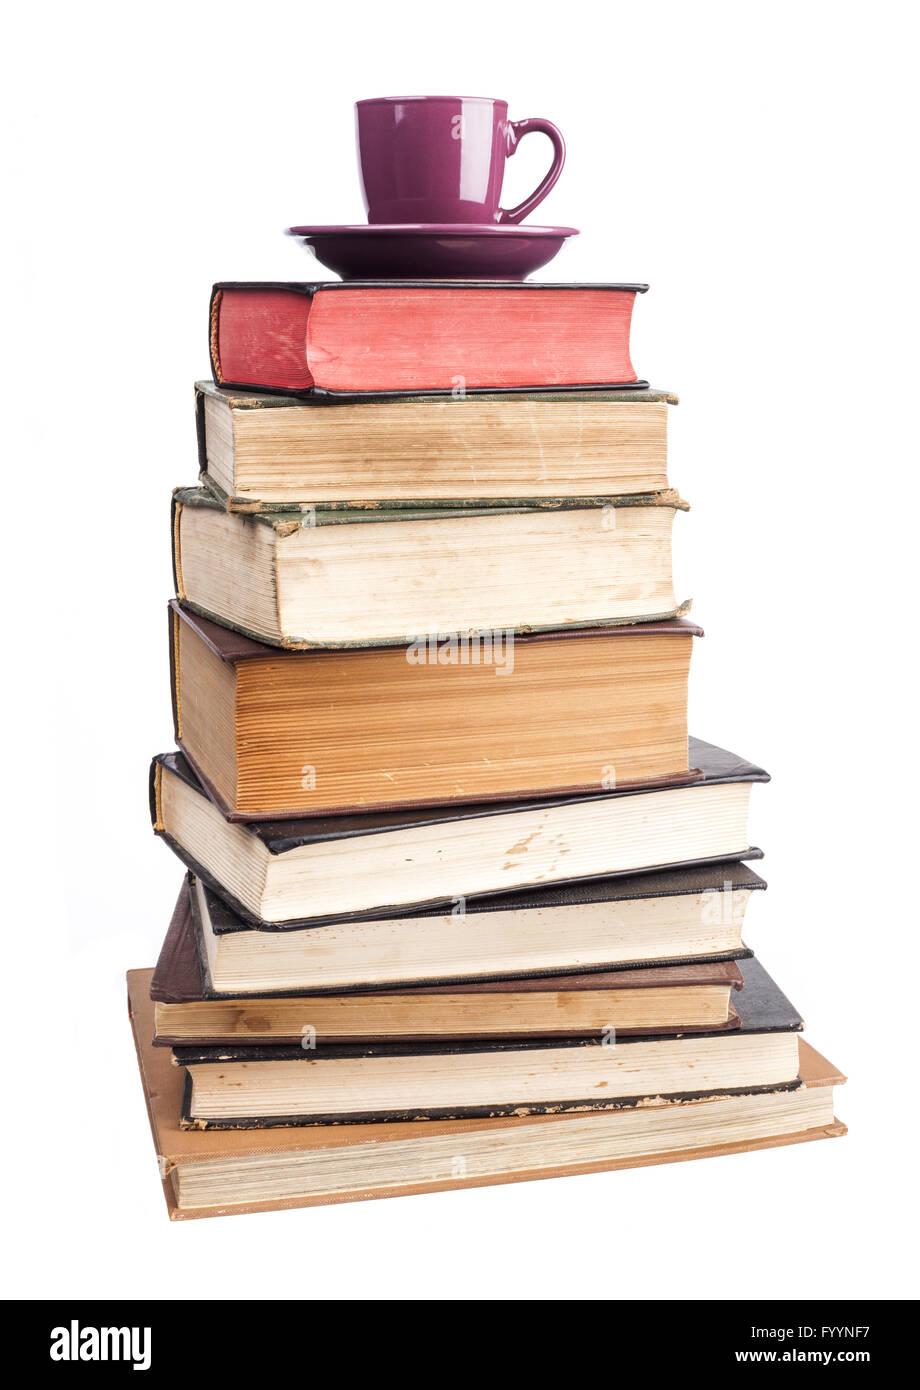 Purple Mug On Books - Stock Image